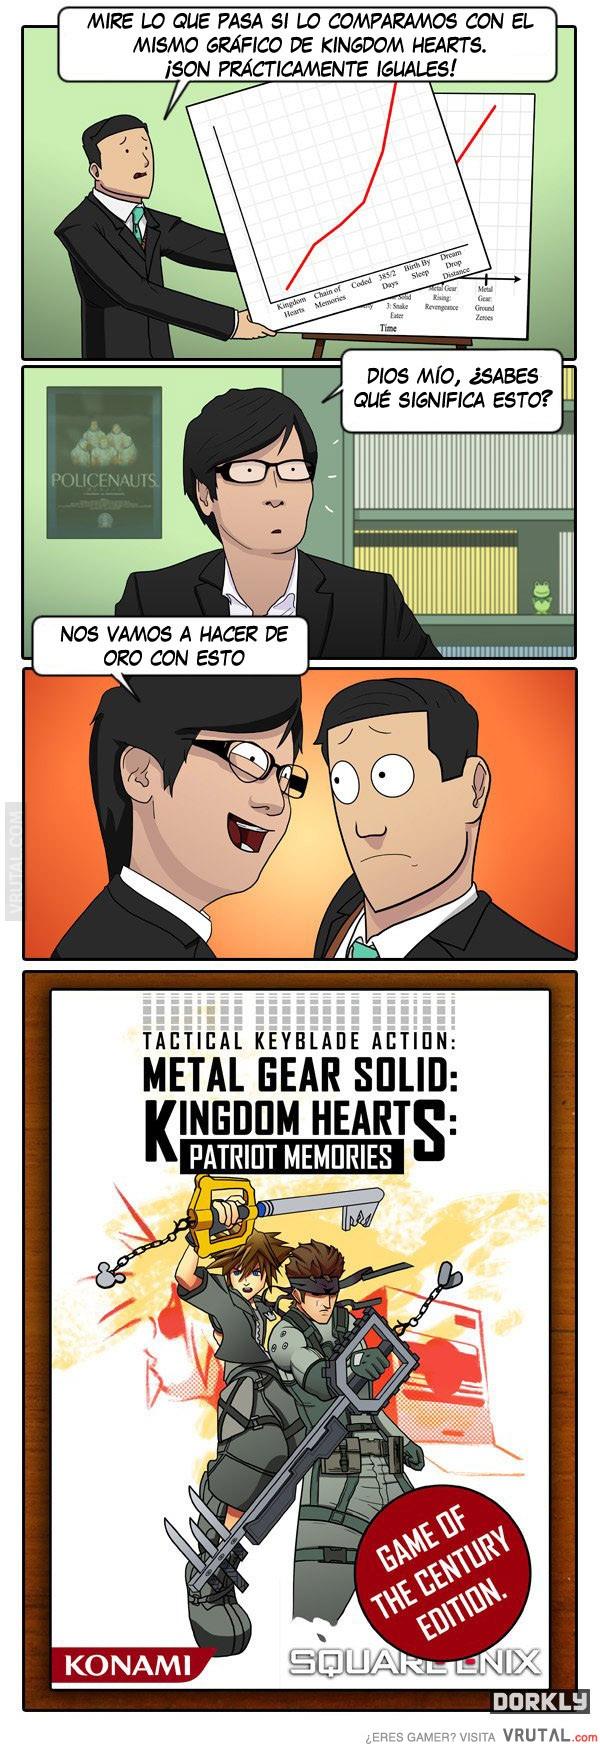 Programa 9x02 (25-09-15) 'Metal Gear Splod V The Phantom Pain'  - Página 2 VRU_19340_los_crossover_se_nos_van_de_las_manos